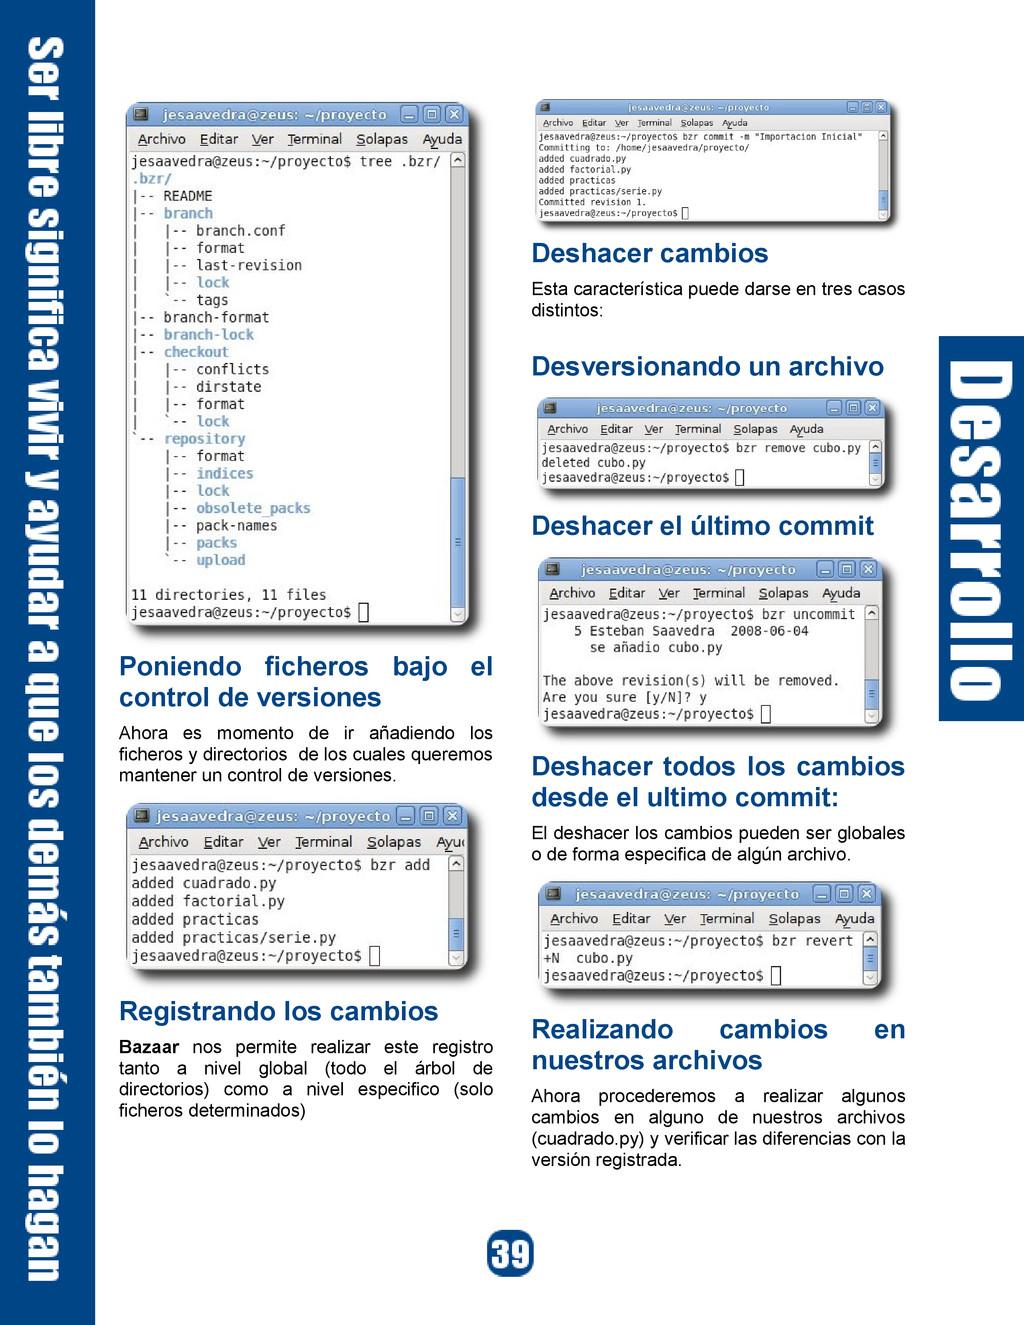 Poniendo ficheros bajo el control de versiones ...